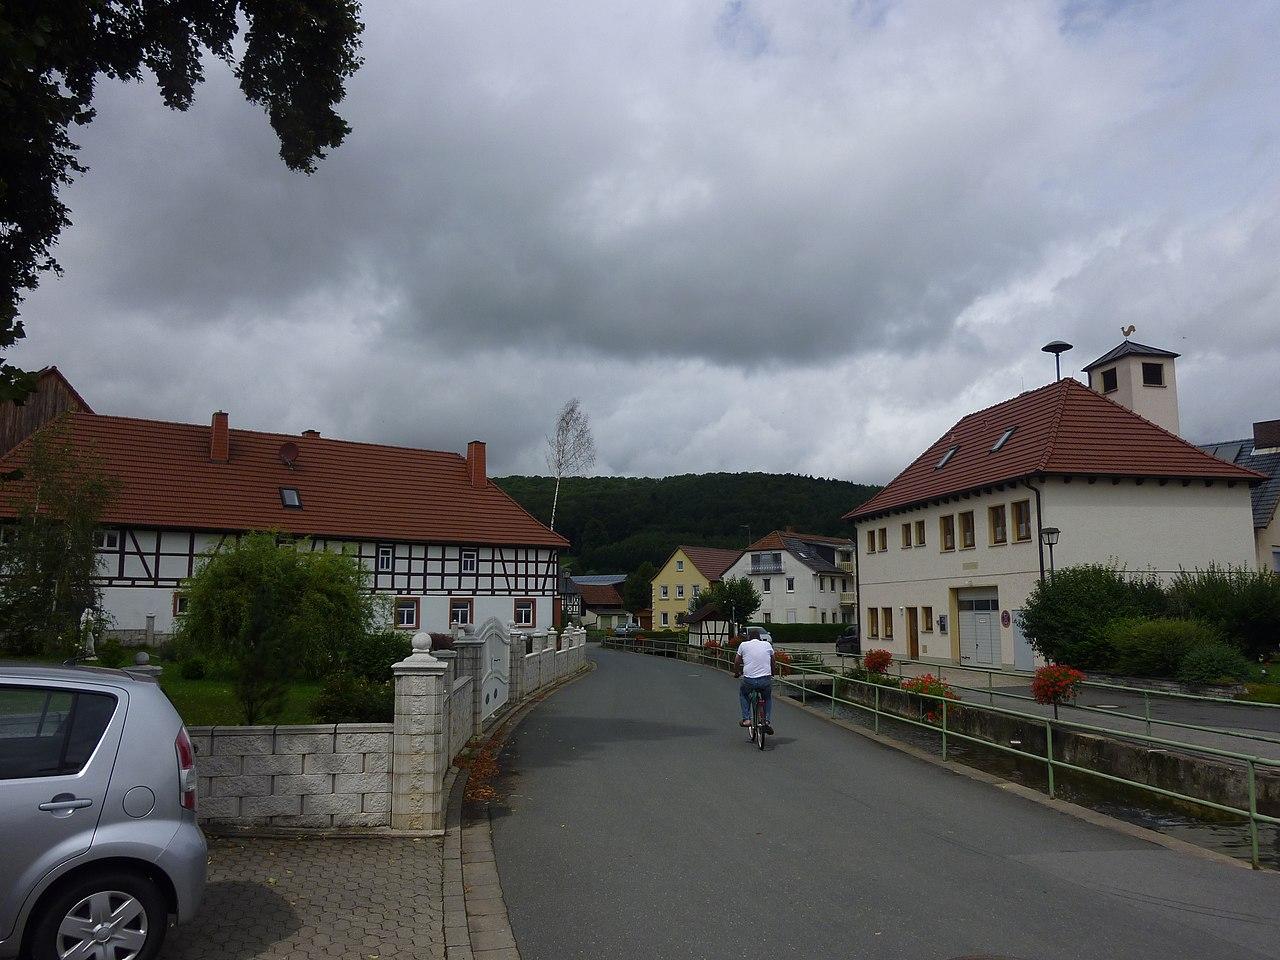 Bad Staffelstein - Eden on the Upper Main